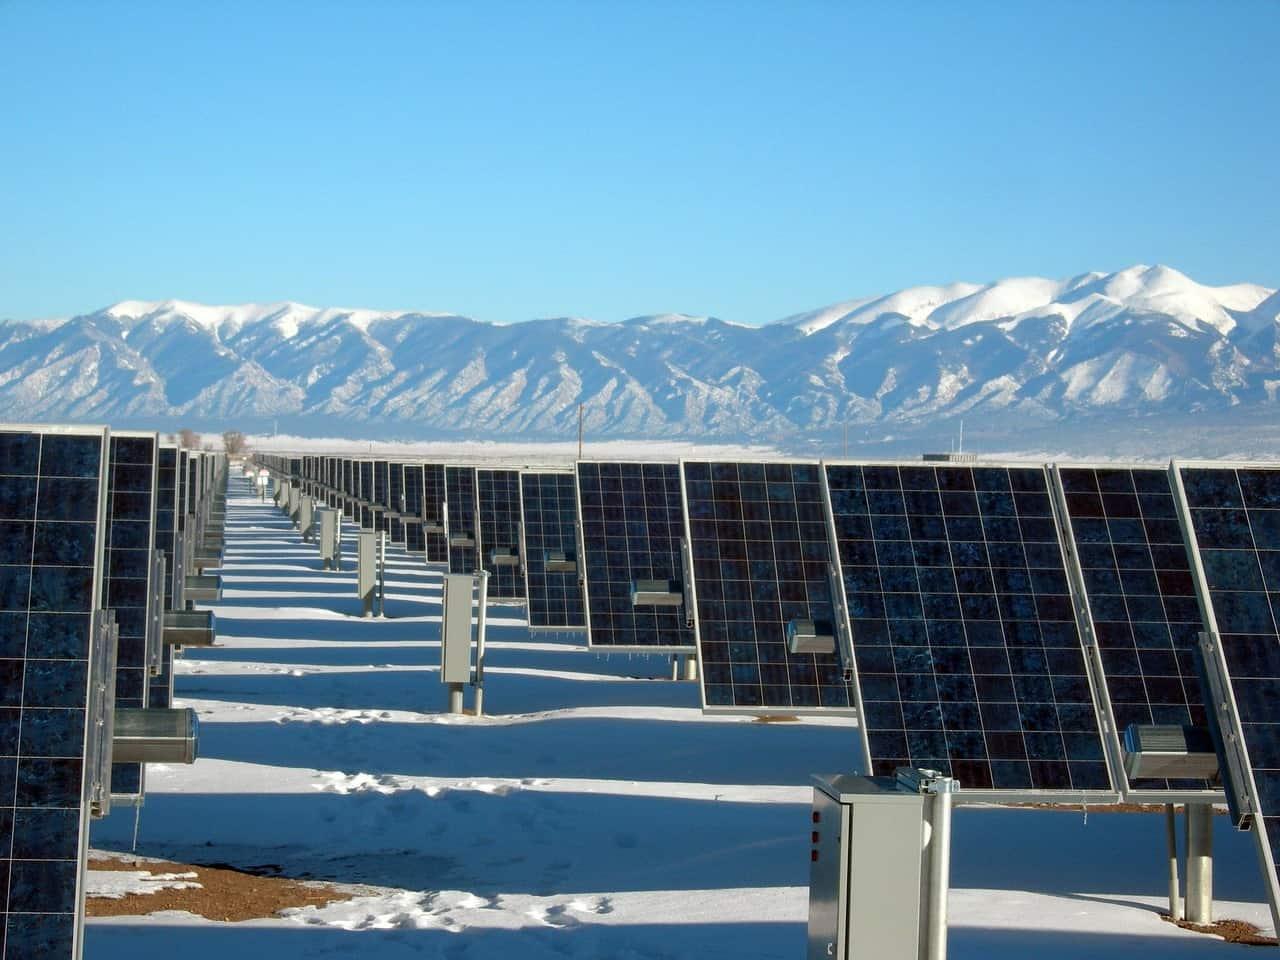 Photovoltaikanlage: In 15 Minuten PV in einfachster Sprache erklärt